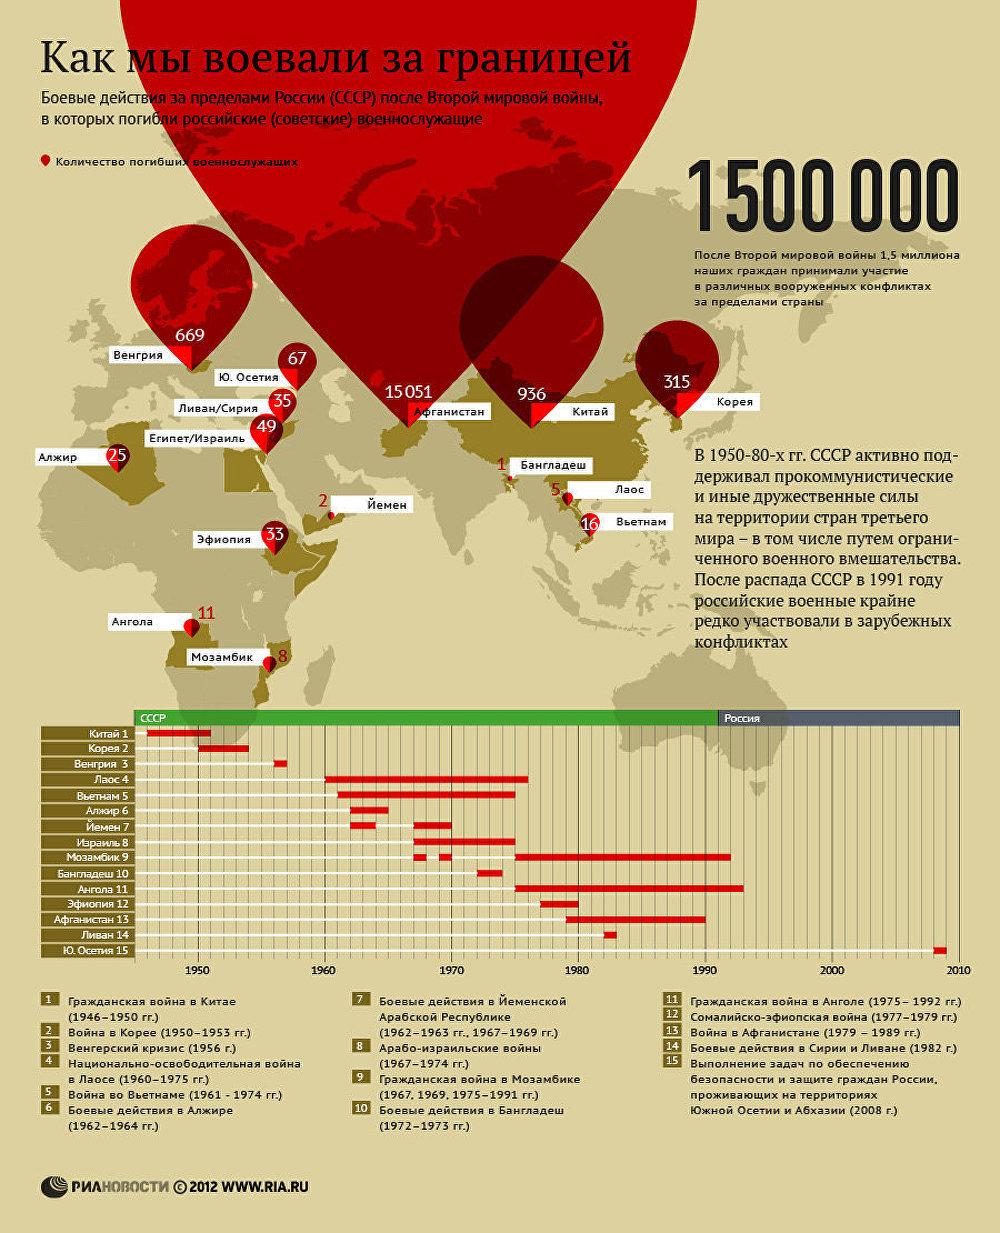 Как мы воевали за границей. Инфографика